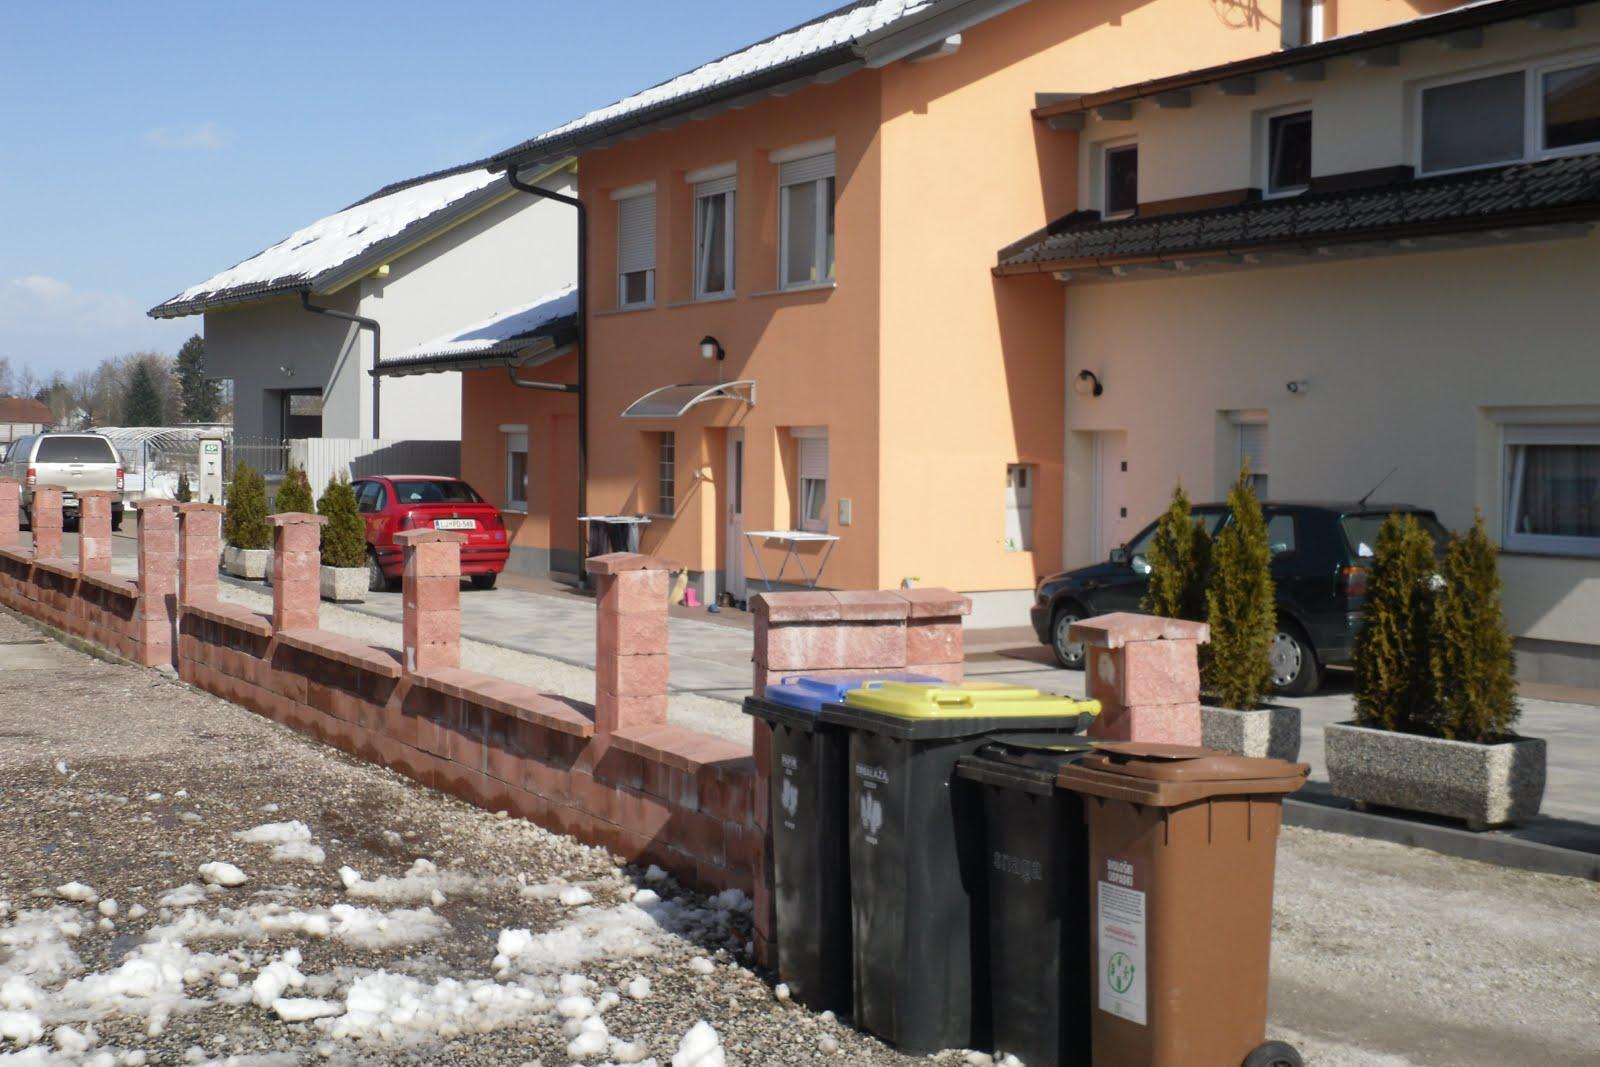 Stanovanjske hiše_SIJAMHODŽIČ, ŠLJIVAR